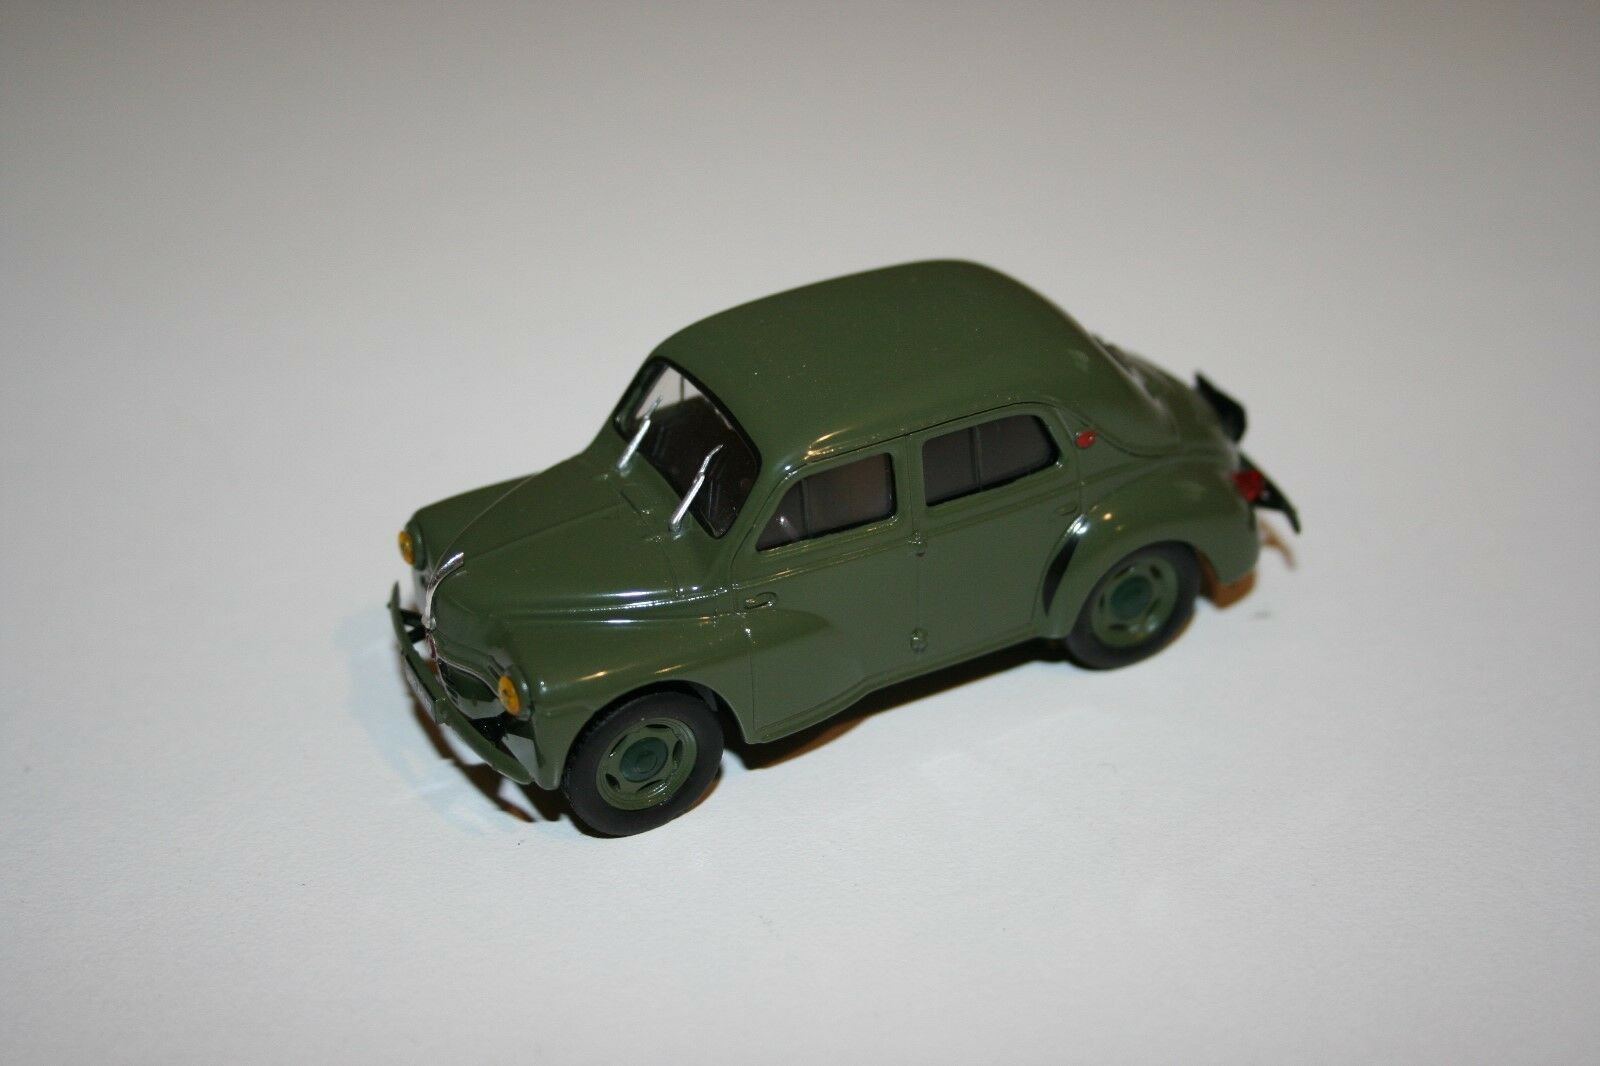 Miniature 4 CV Renault militaire